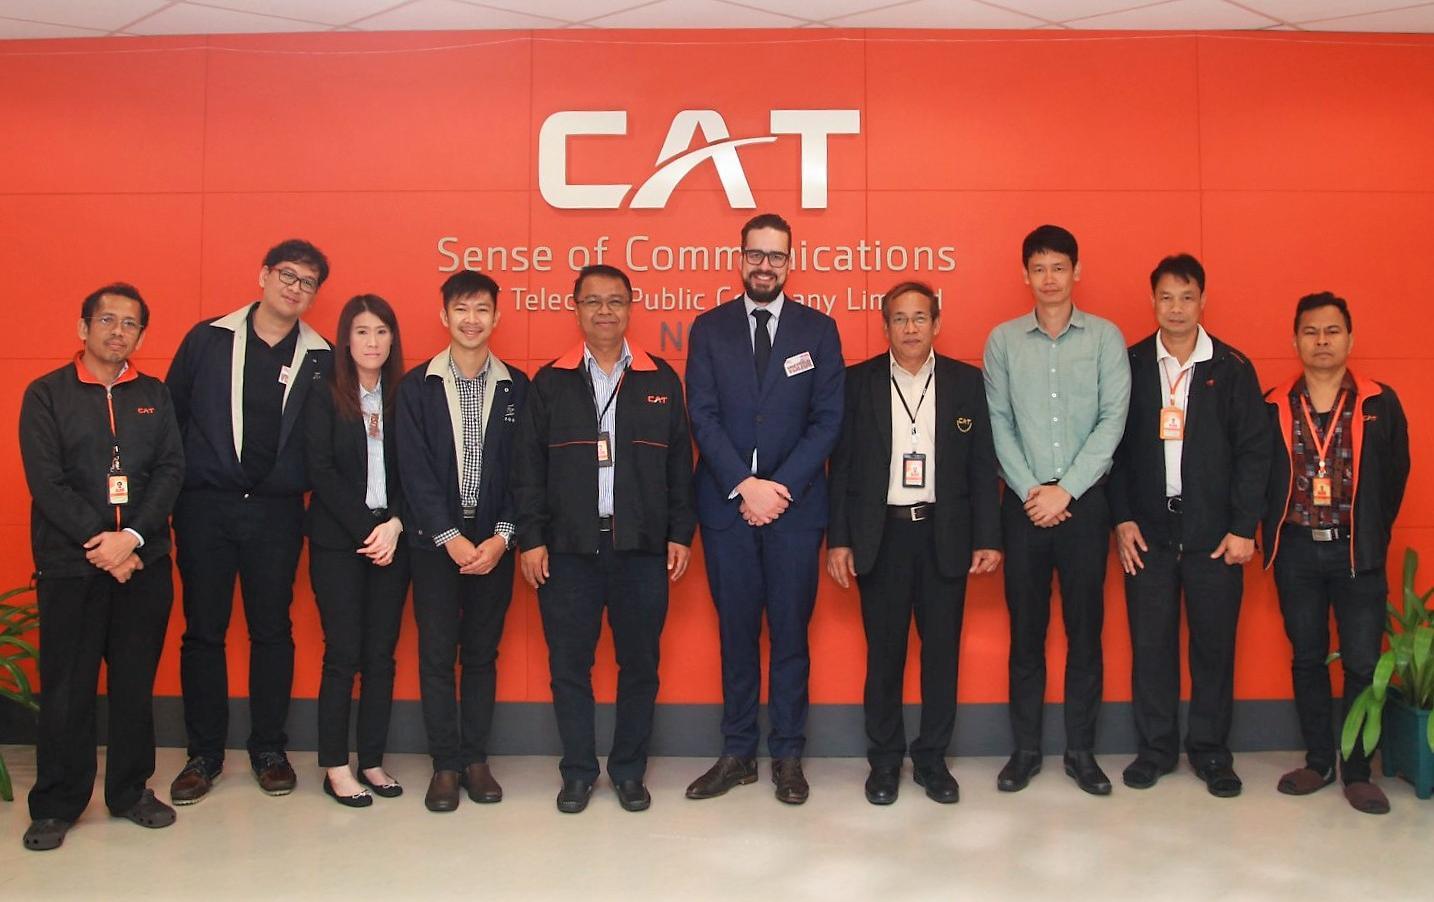 สำนักงานกองทุนสนันสนุนการวิจัย เข้าเยี่ยมชมและศึกษาดูงาน  CAT Tower บางรัก